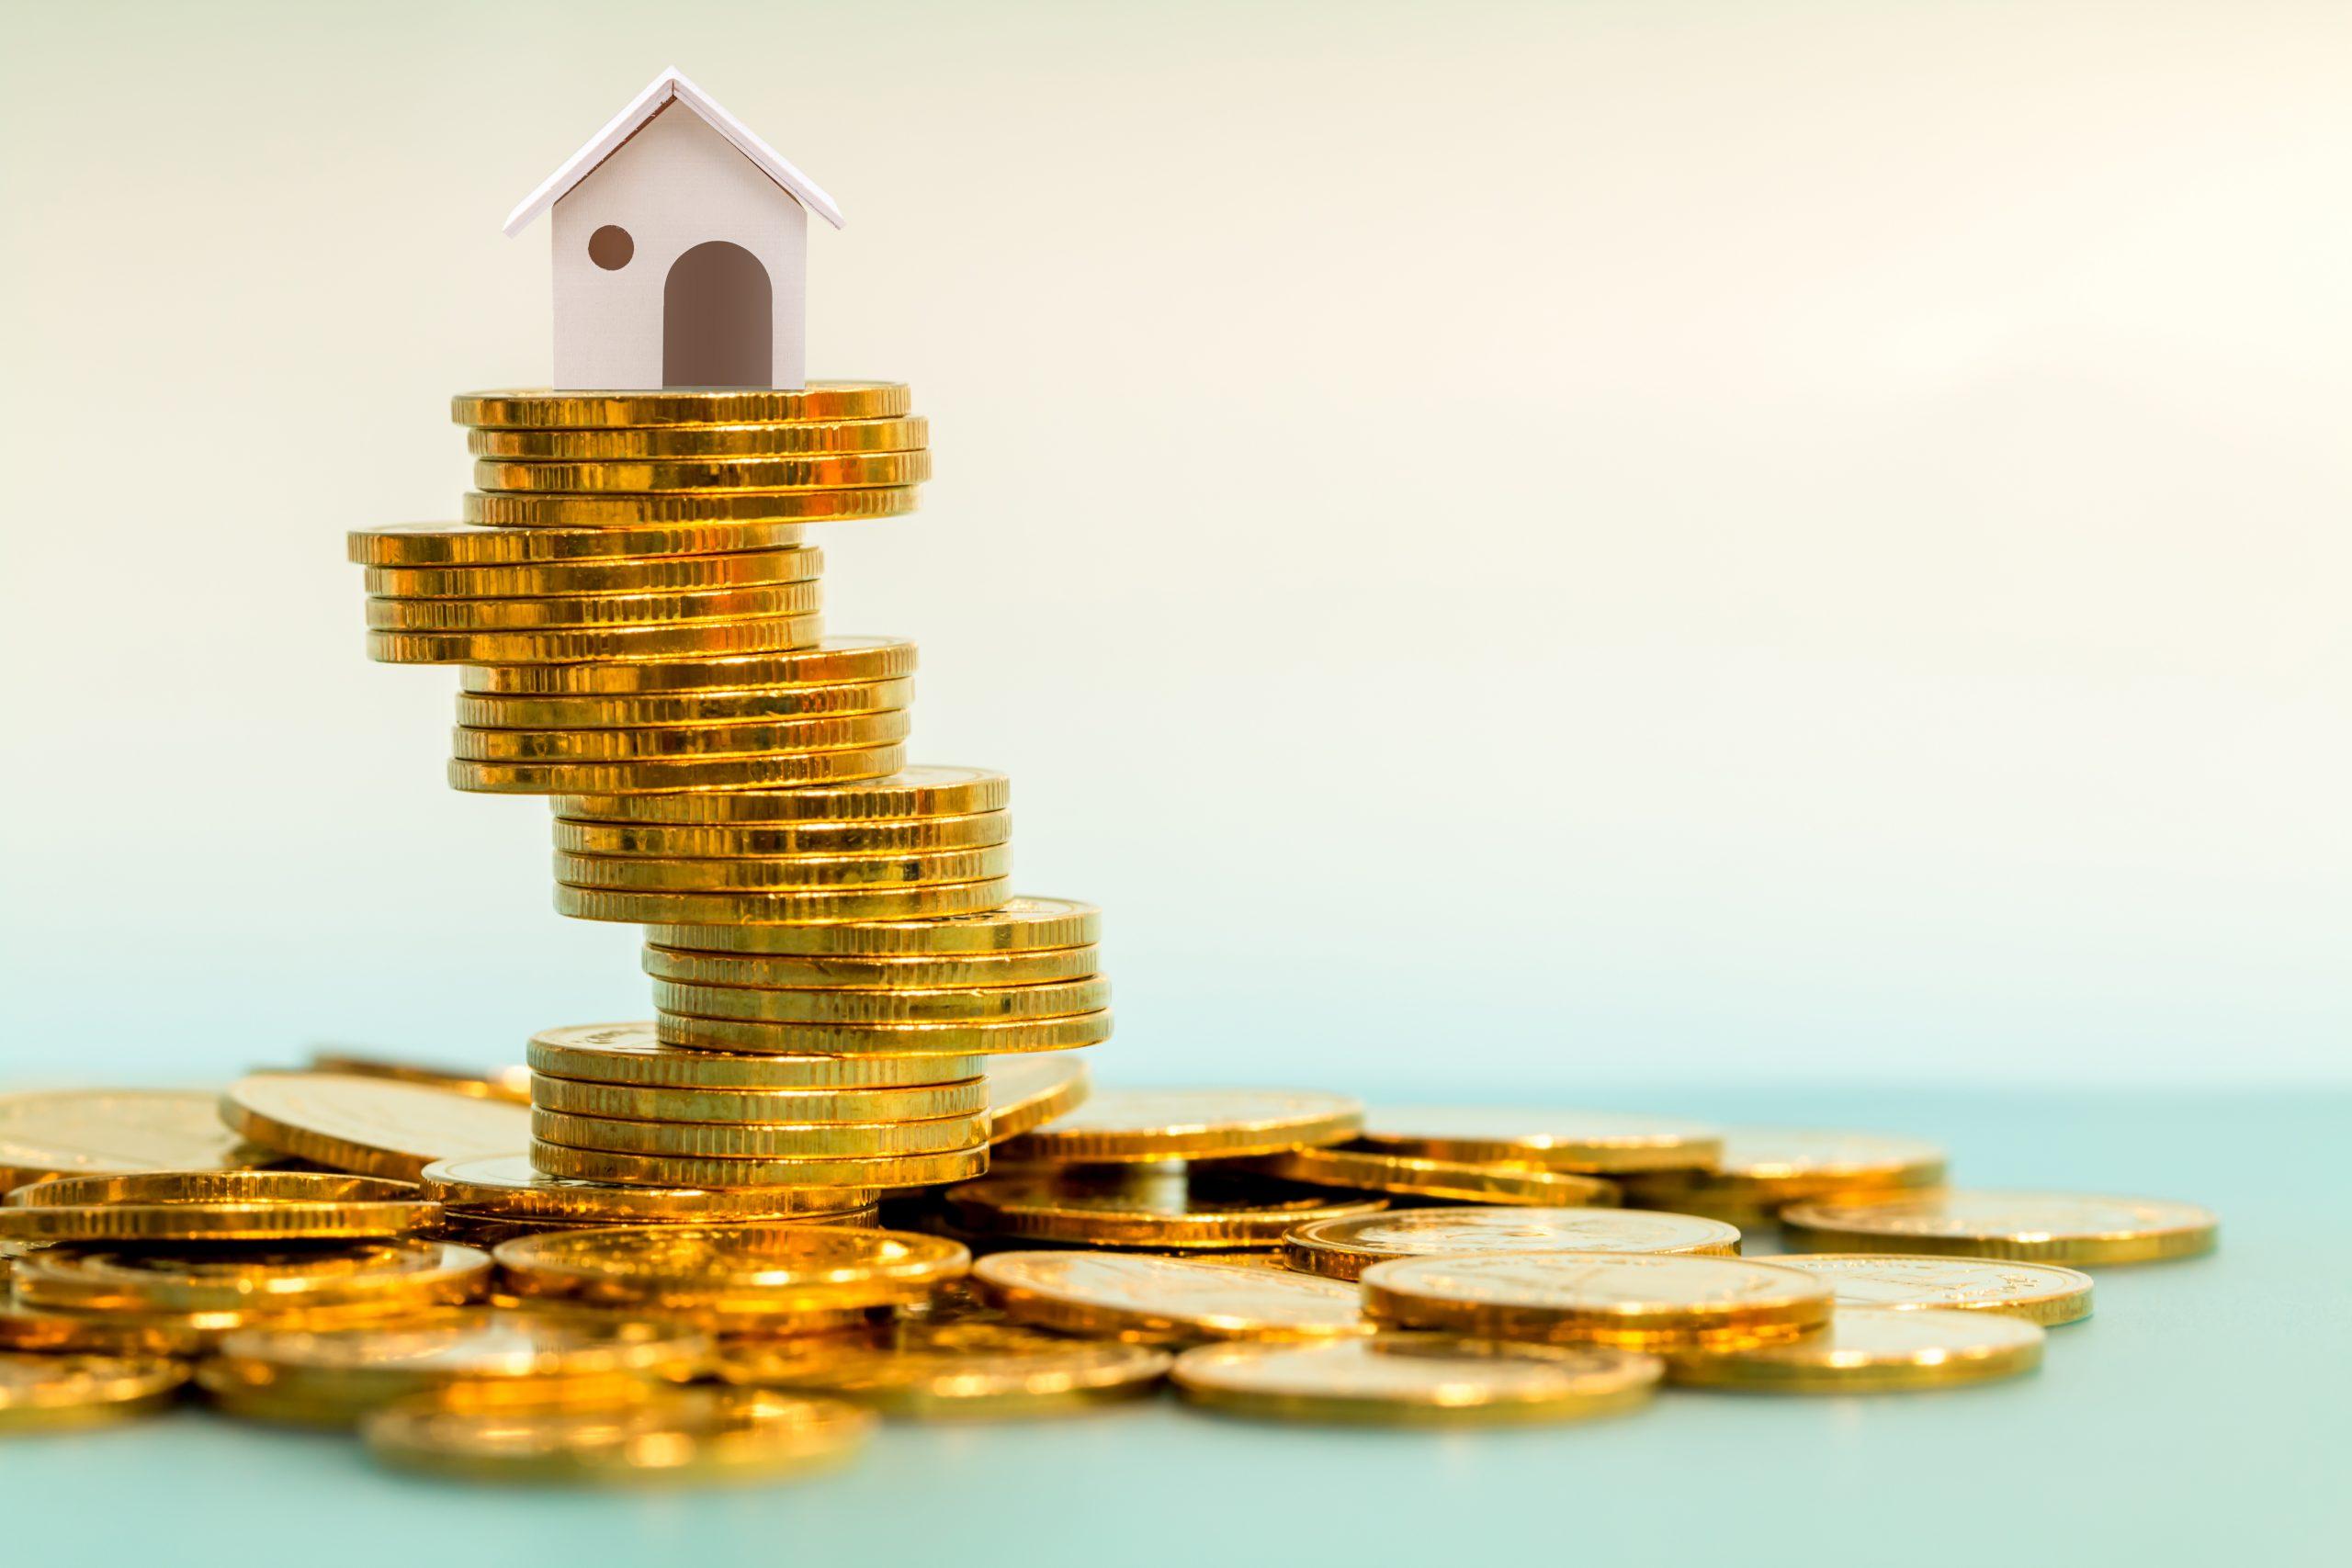 Sparen Sie Geld für Immobilien mit dem Kauf eines neuen Wohnungs und Darlehen für die Vorbereitung in der Zukunft Konzept.